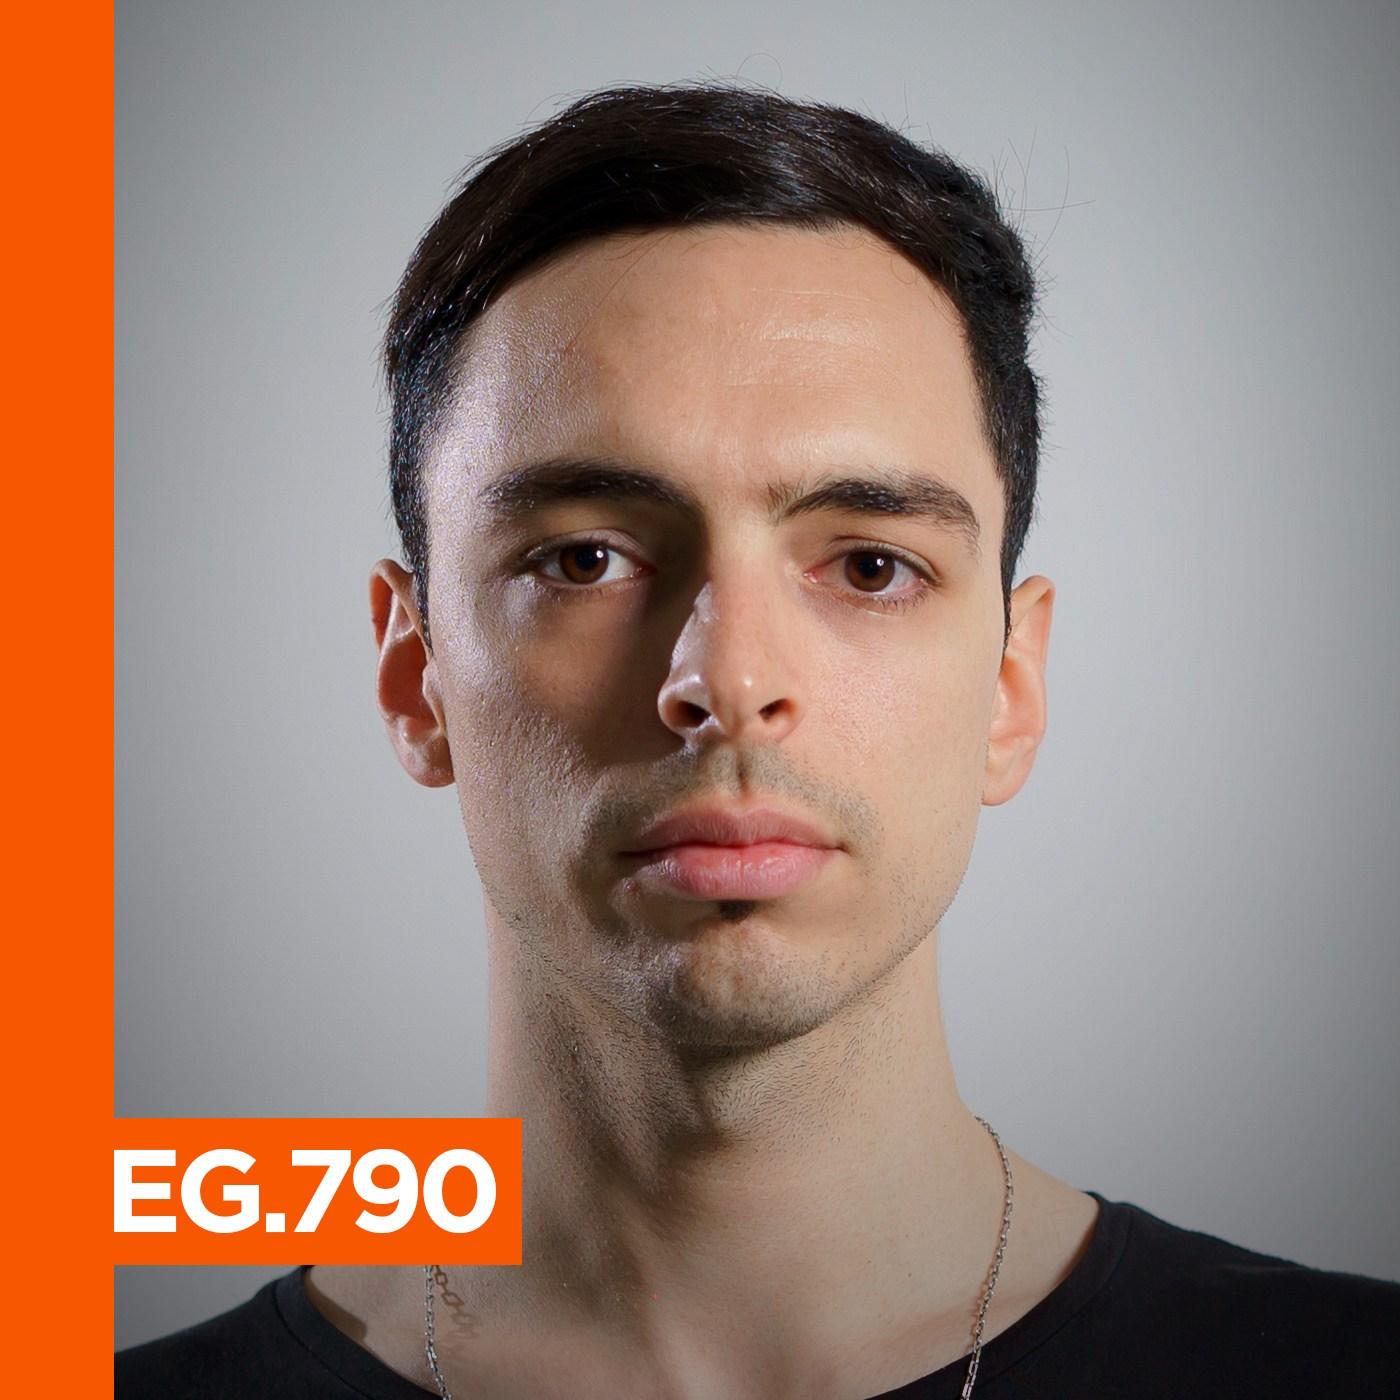 EG790-Ezequiel-Arias